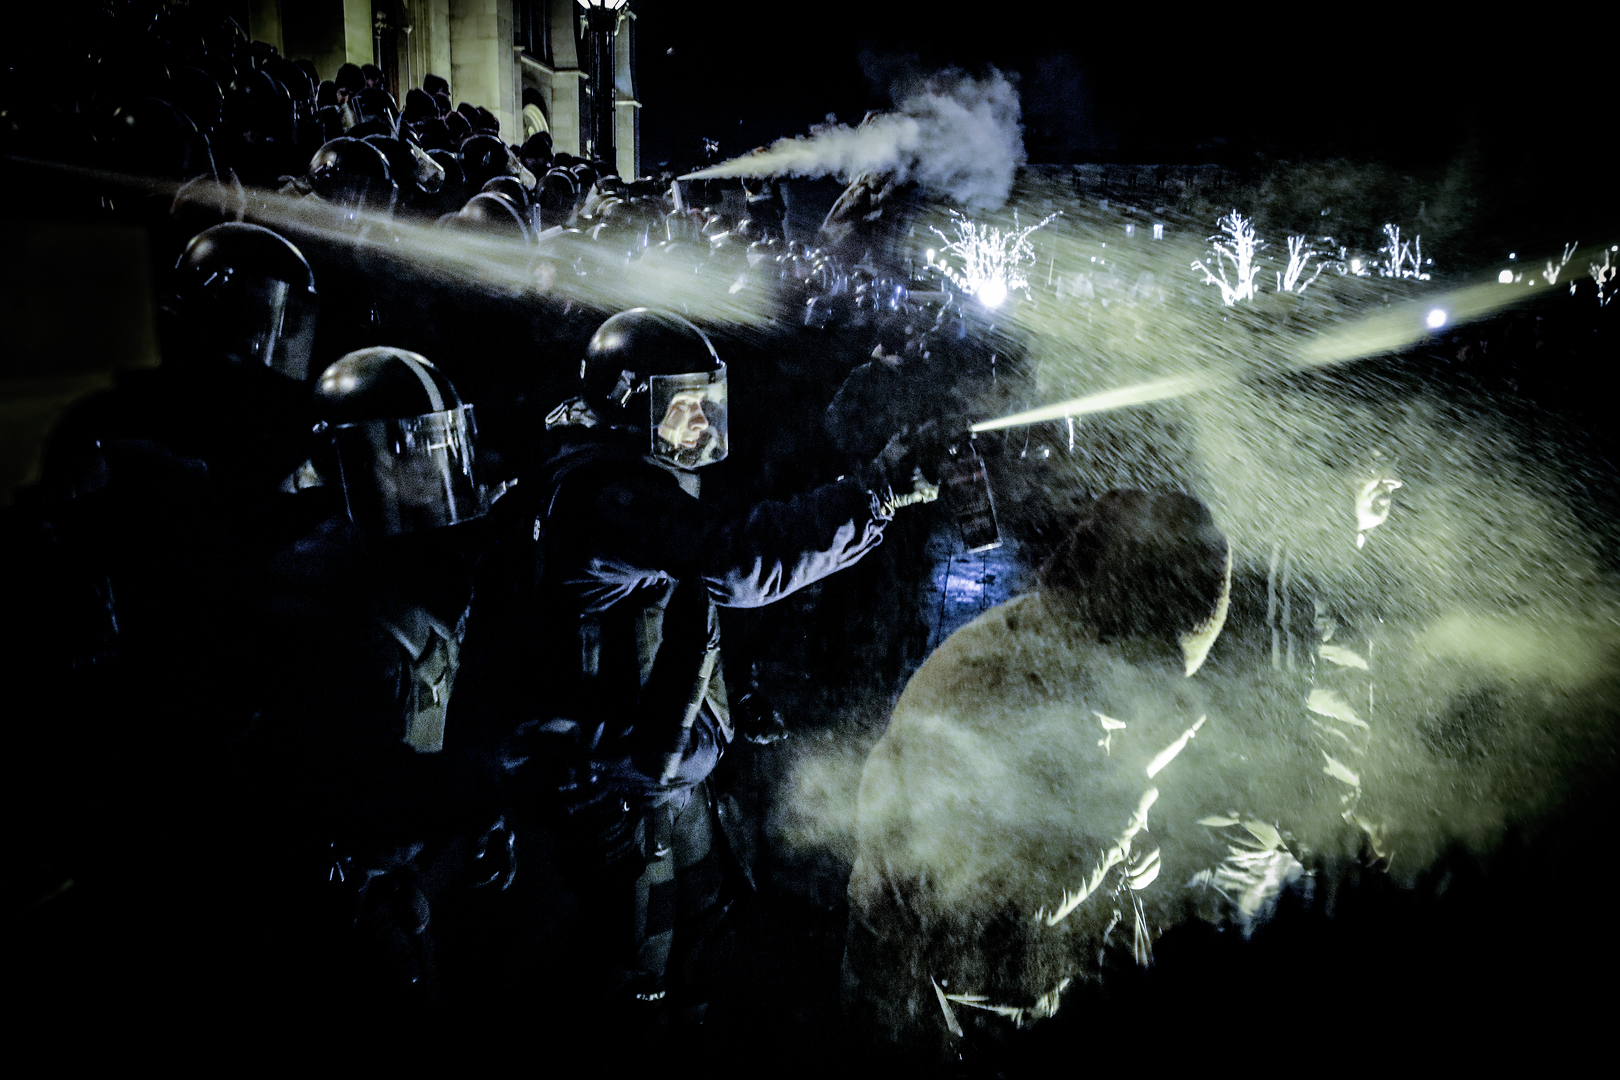 Hír-, eseményfotó<br />3. díj: Huszti István (Index.hu): Oszlatás<br /><br />Fotó: Könnygázzal oszlatják a feldühödött tömeget 2018 december 12-én a Parlament lépcsőjénél a rendőrök. Spontán tüntetések kezdődtek Budapesten miután a Parlament elfogadta a túlóratörvényt.